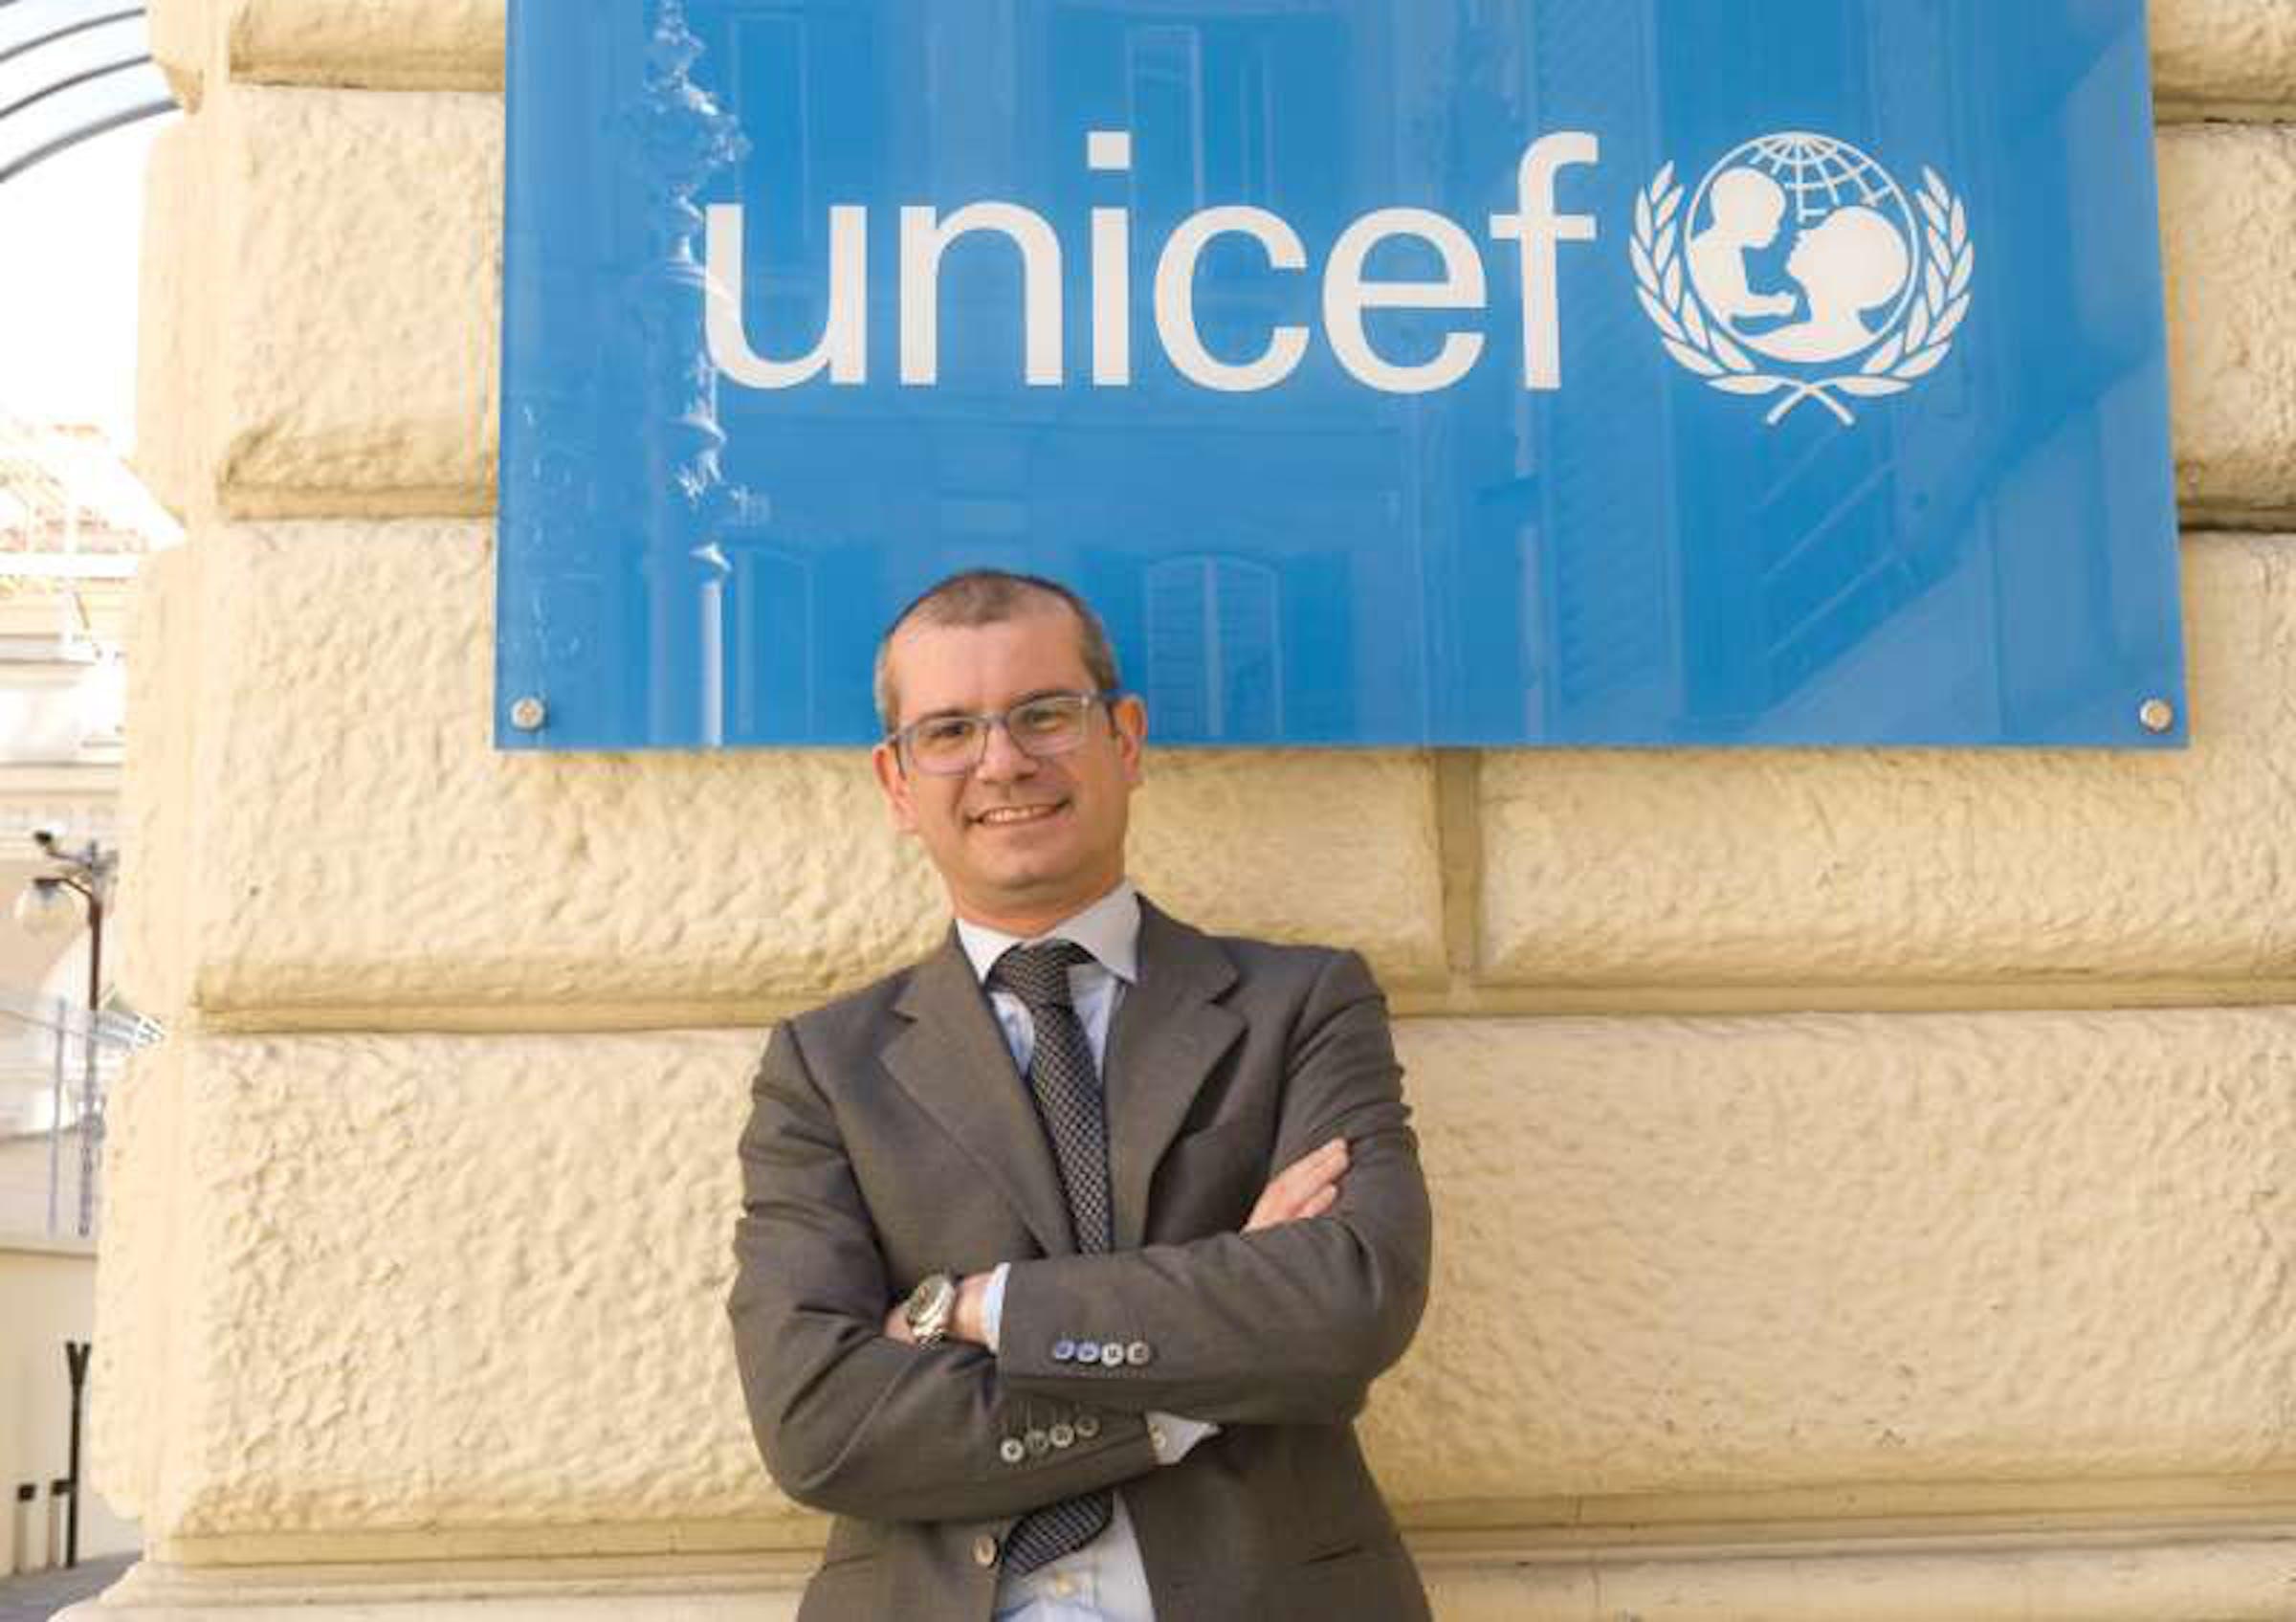 Davide Usai, Direttore generale dell'UNICEF Italia - ©UNICEF Italia/2012/Pino Pacifico